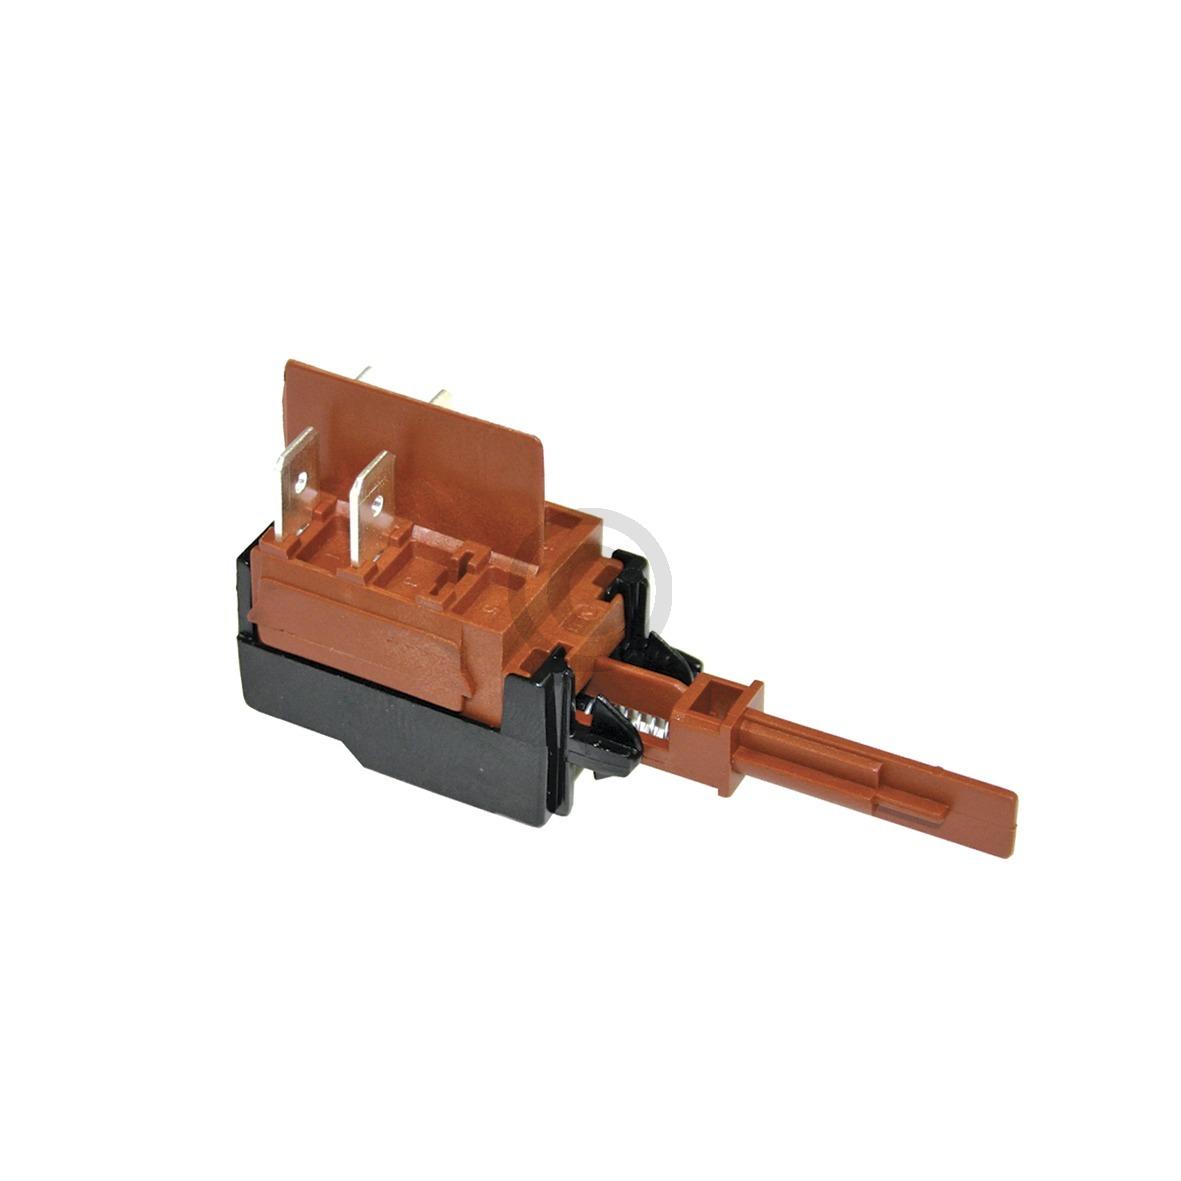 Tastenschalter 1-fach C00041184 Indesit Hotpoint, Bauknecht, Whirlpool, Ikea